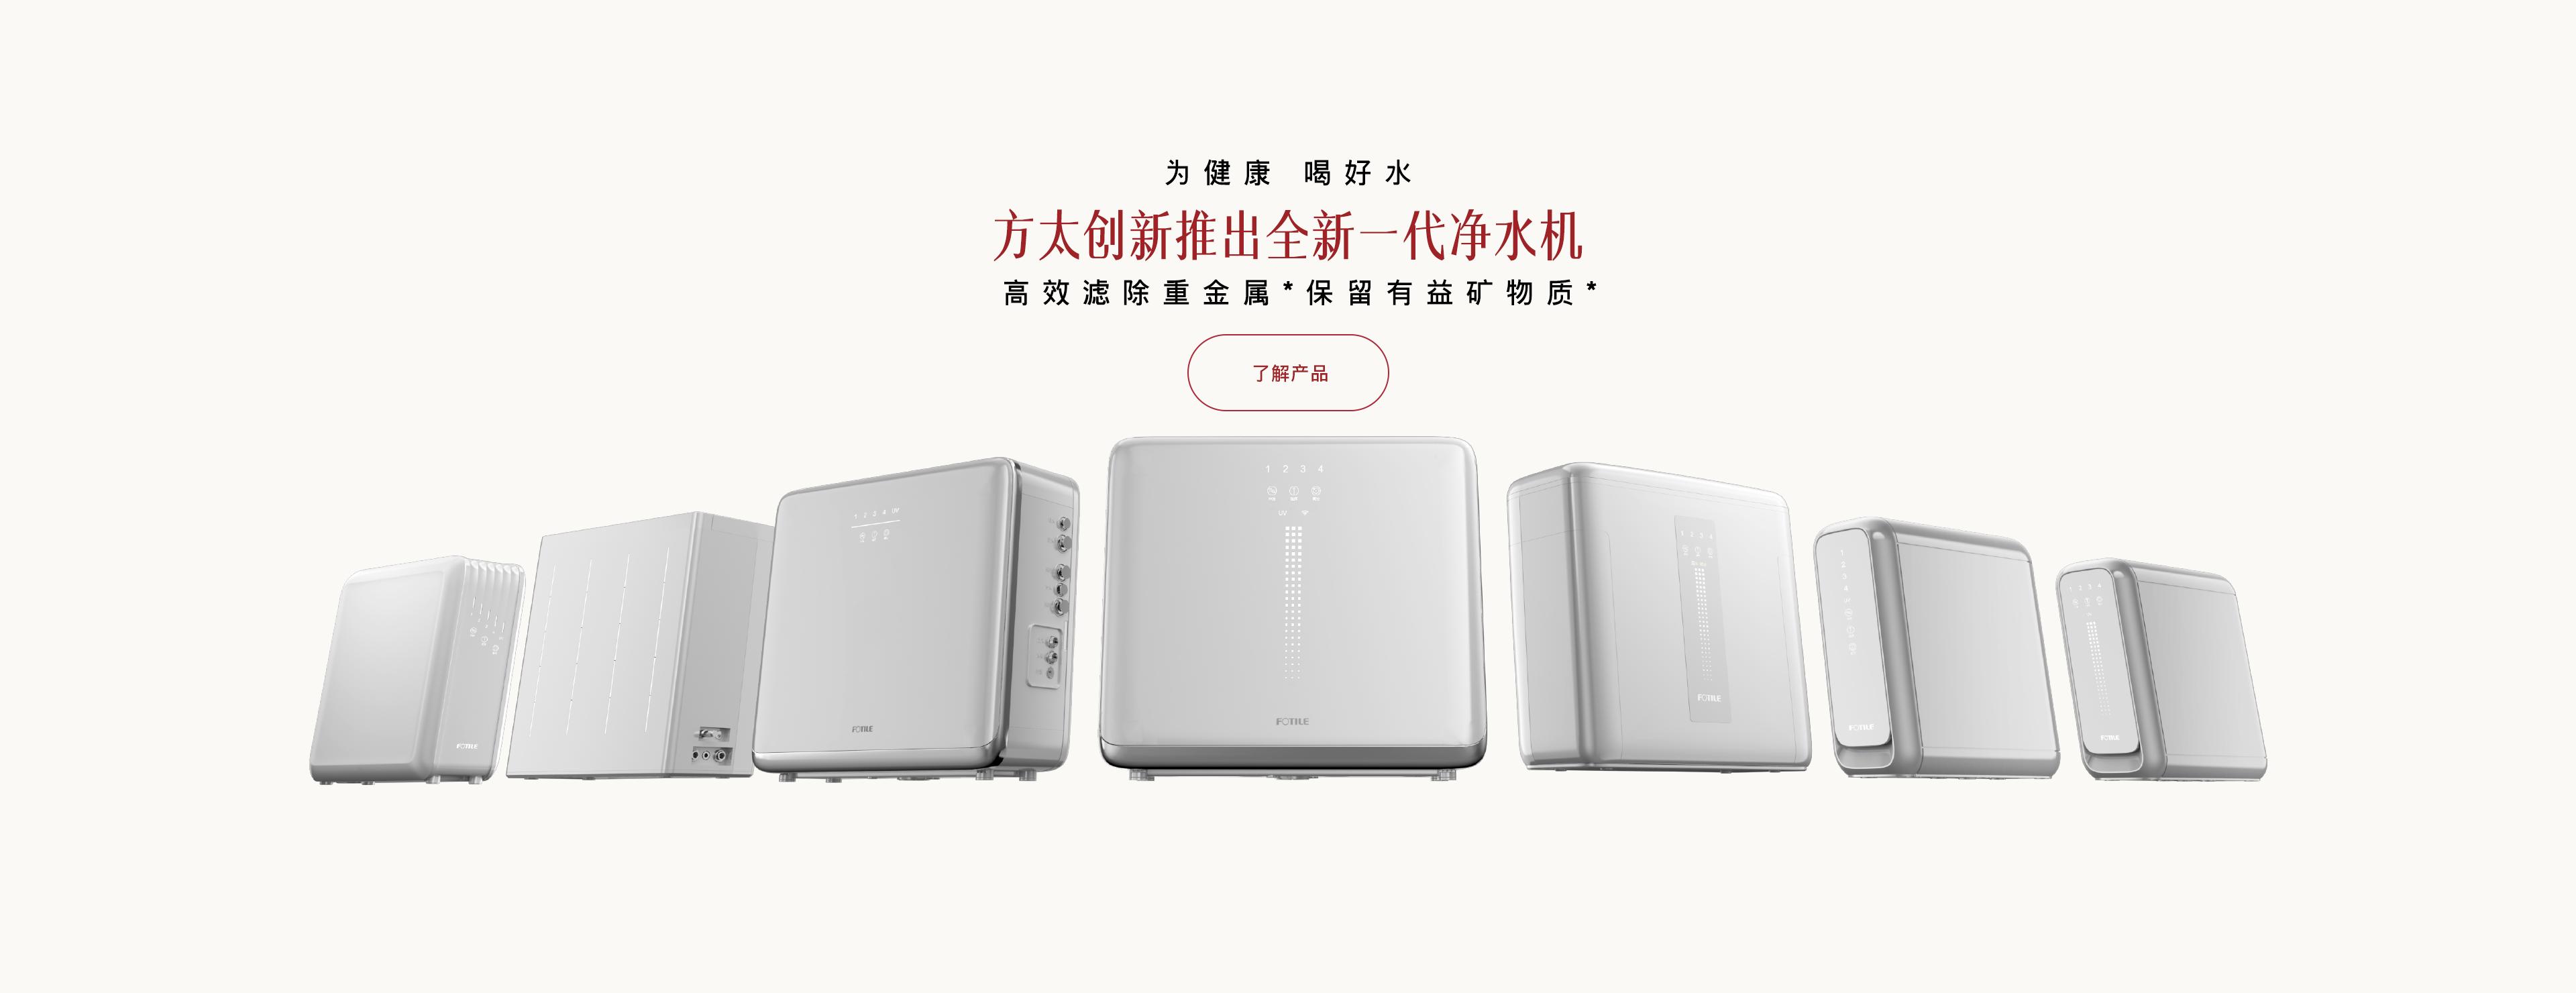 方太年度新品 全新一代净水机 - FOTILE方太厨房电器官方网站